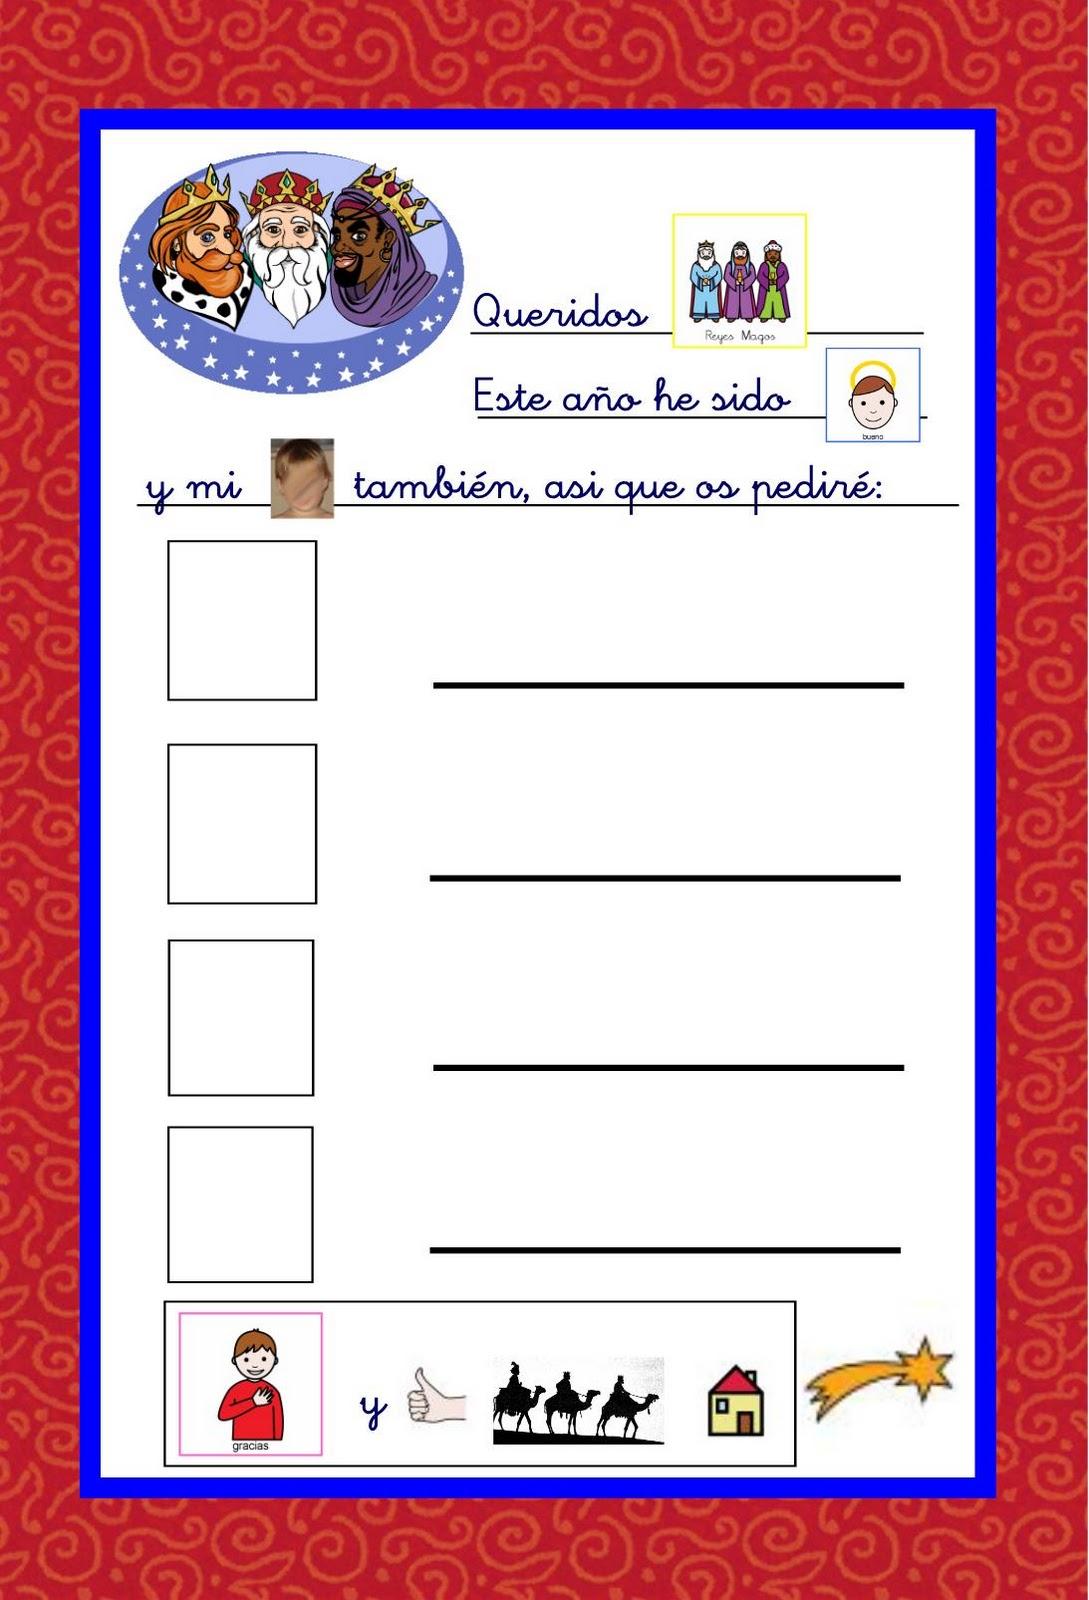 Imagenes De Cartas Para Los Reyes Magos